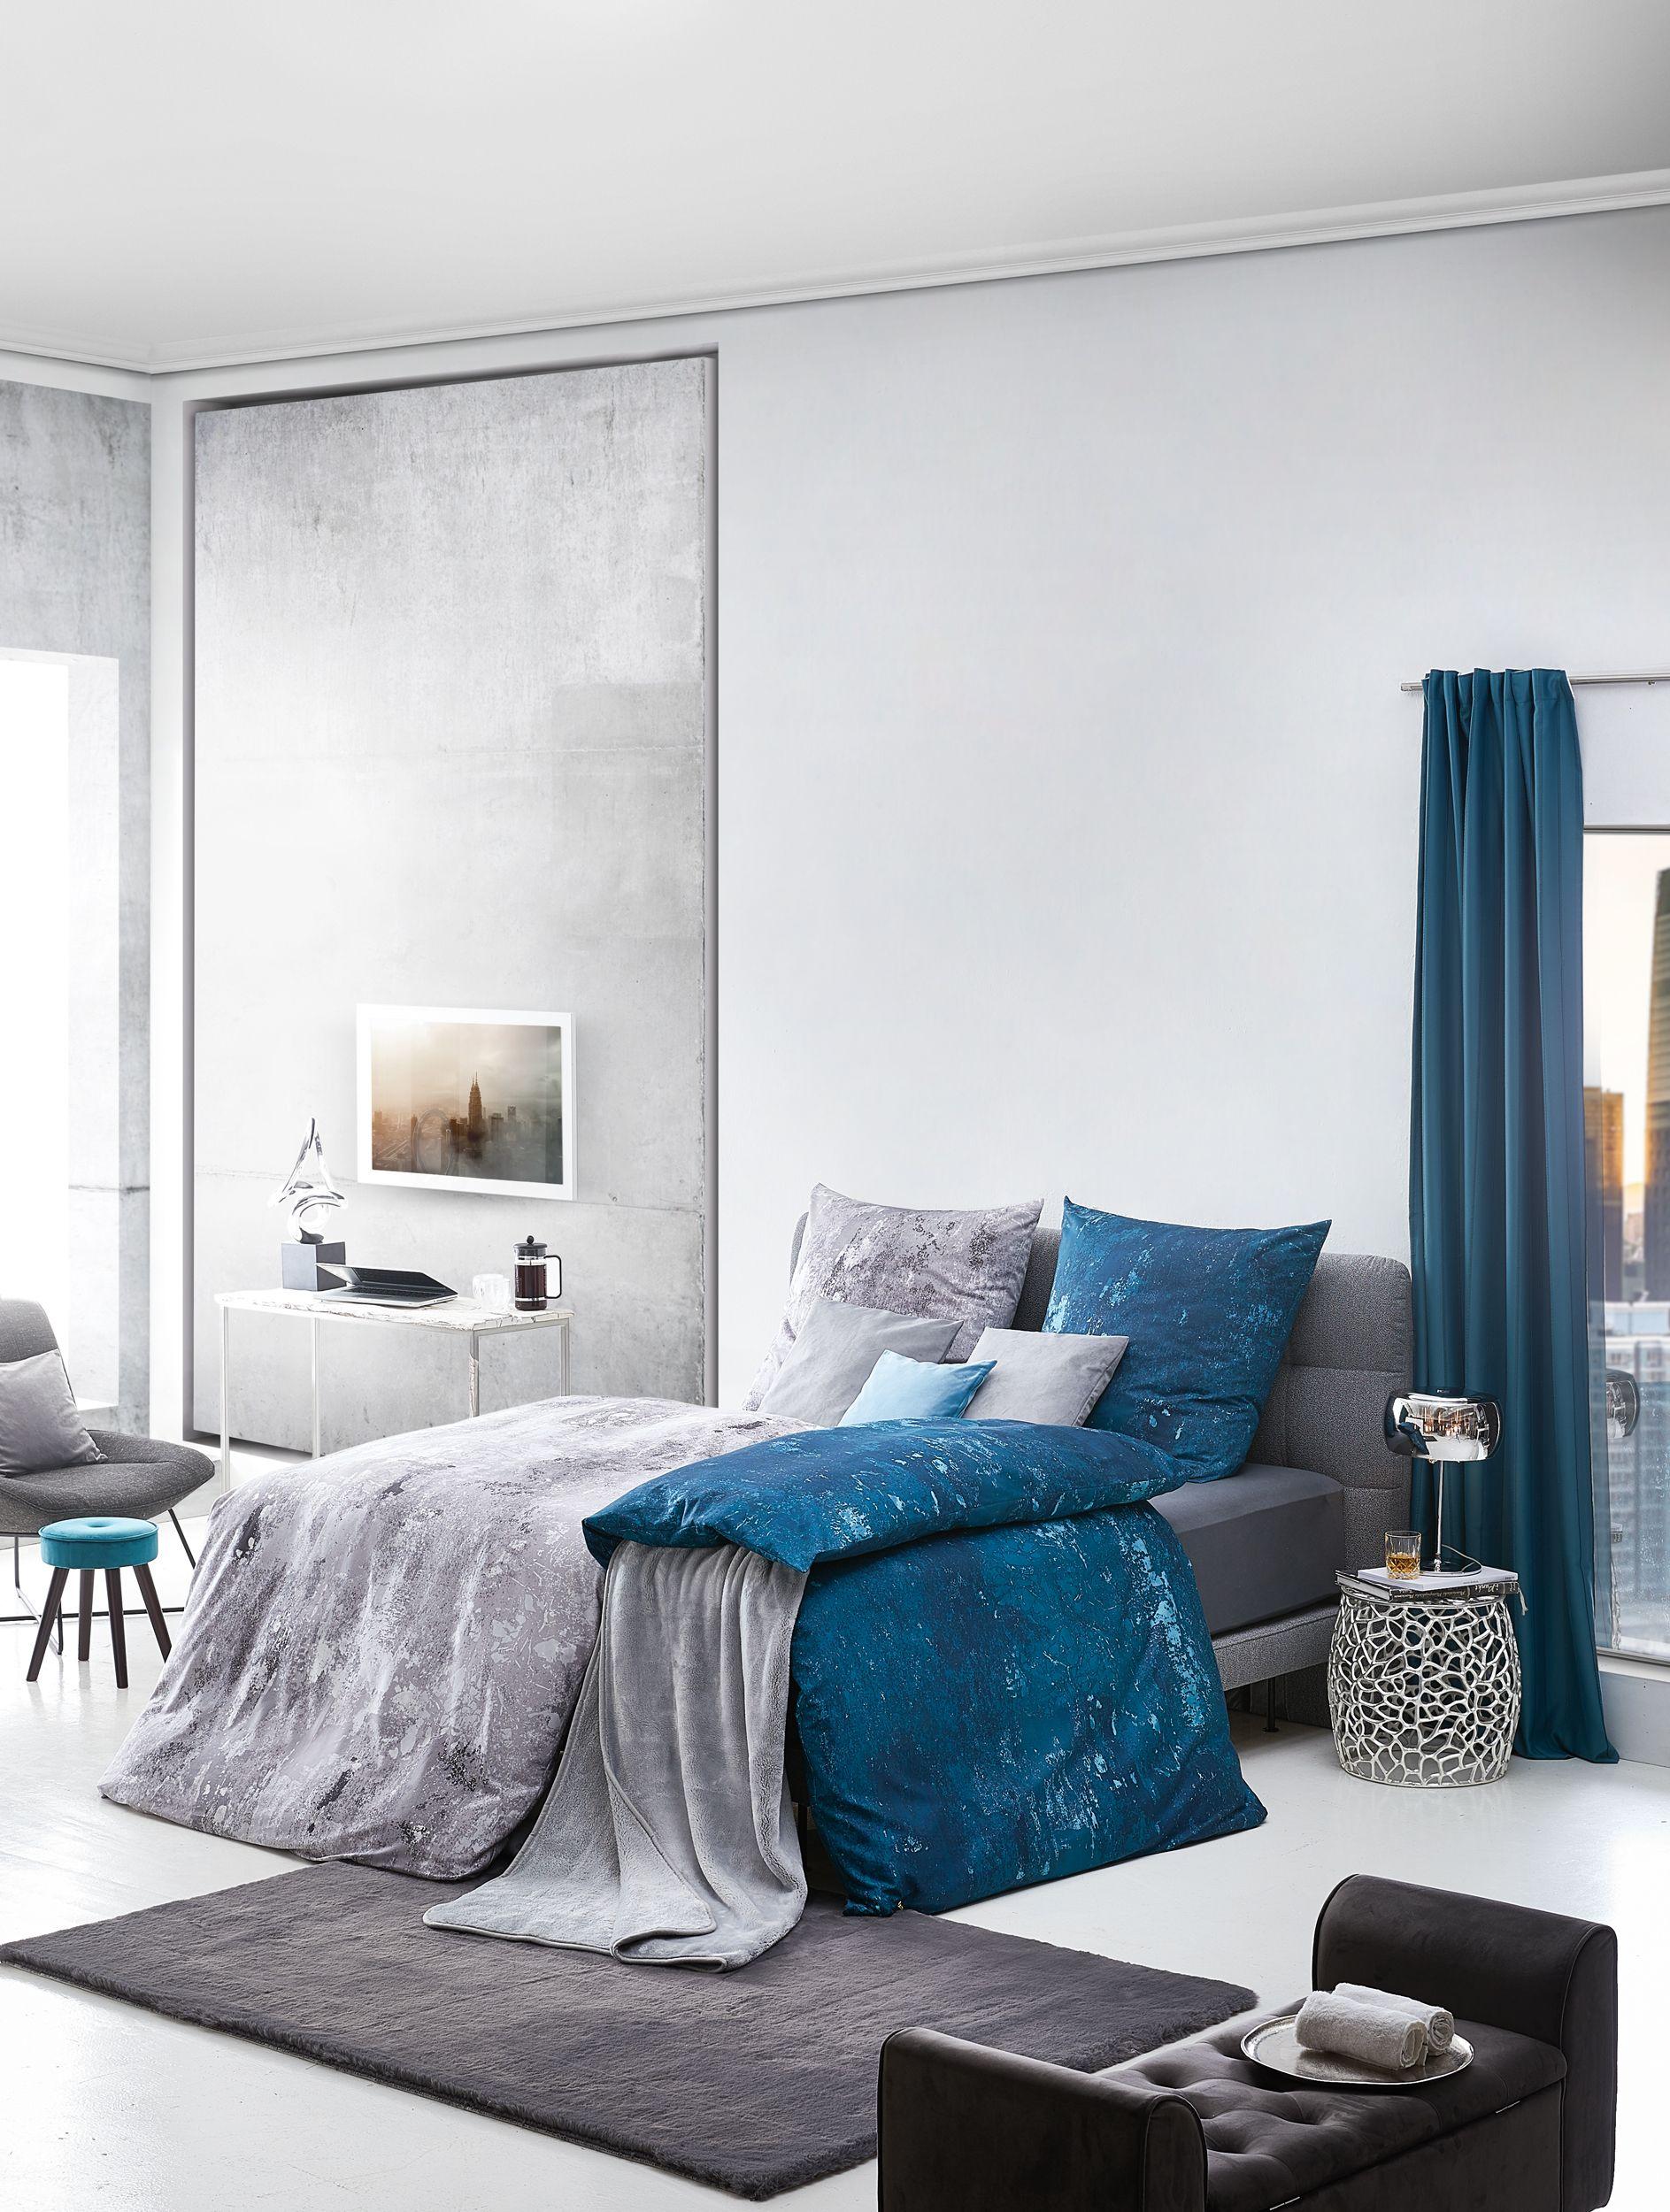 Einmal dieses Schlafzimmer, bitte! Trotz kühlen Farben und ...